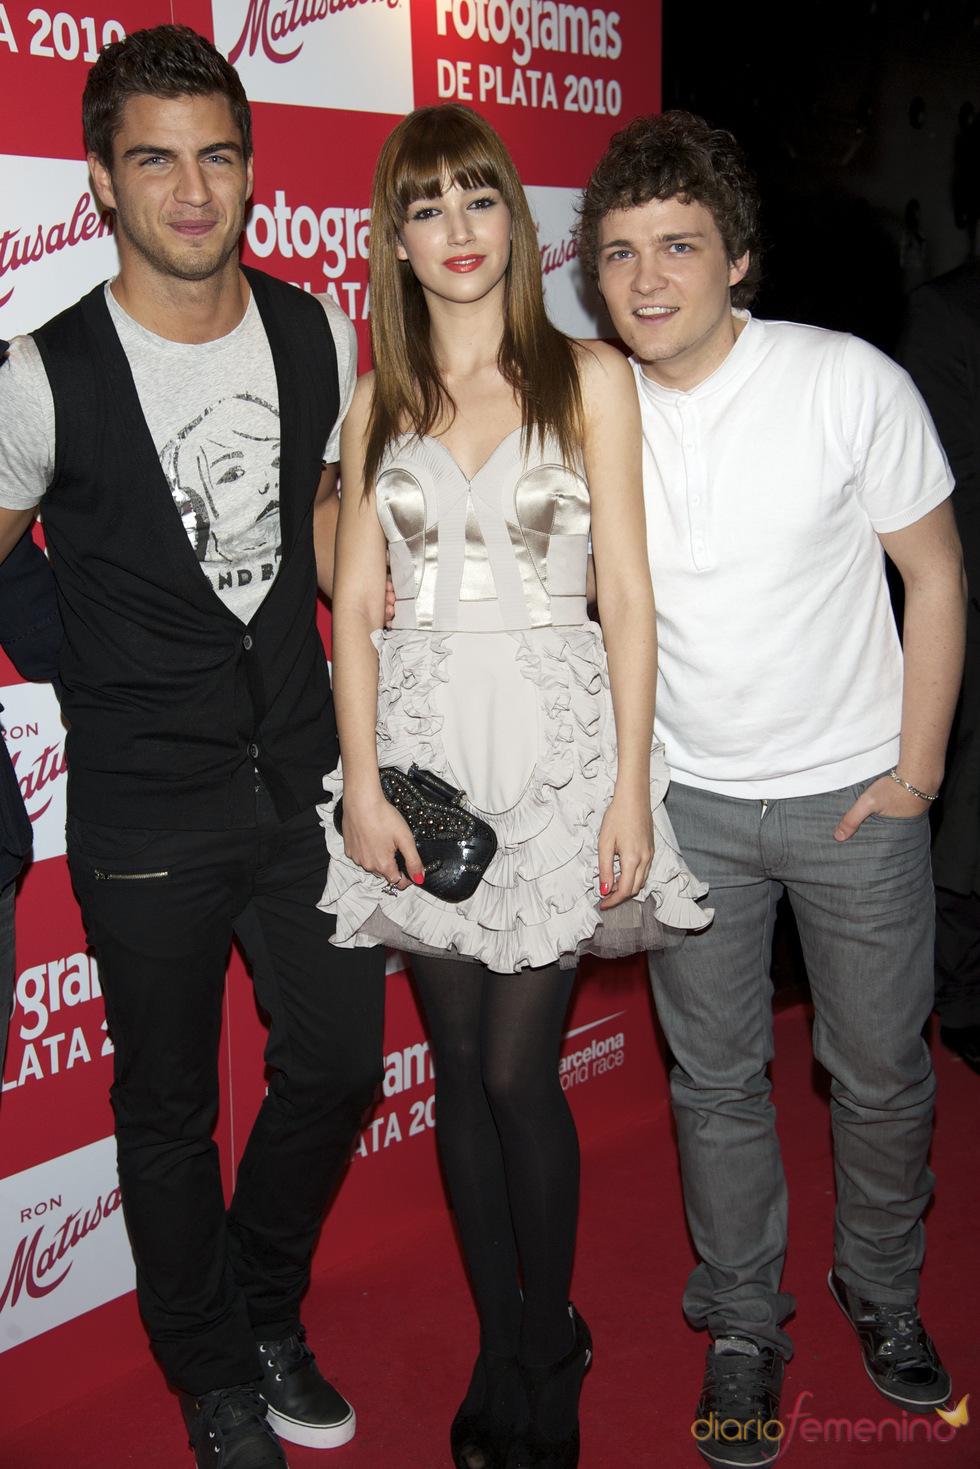 Maxi Iglesias, Úrsula Corbero y Adam Jezierski en los Premios Fotogramas de Plata 2010